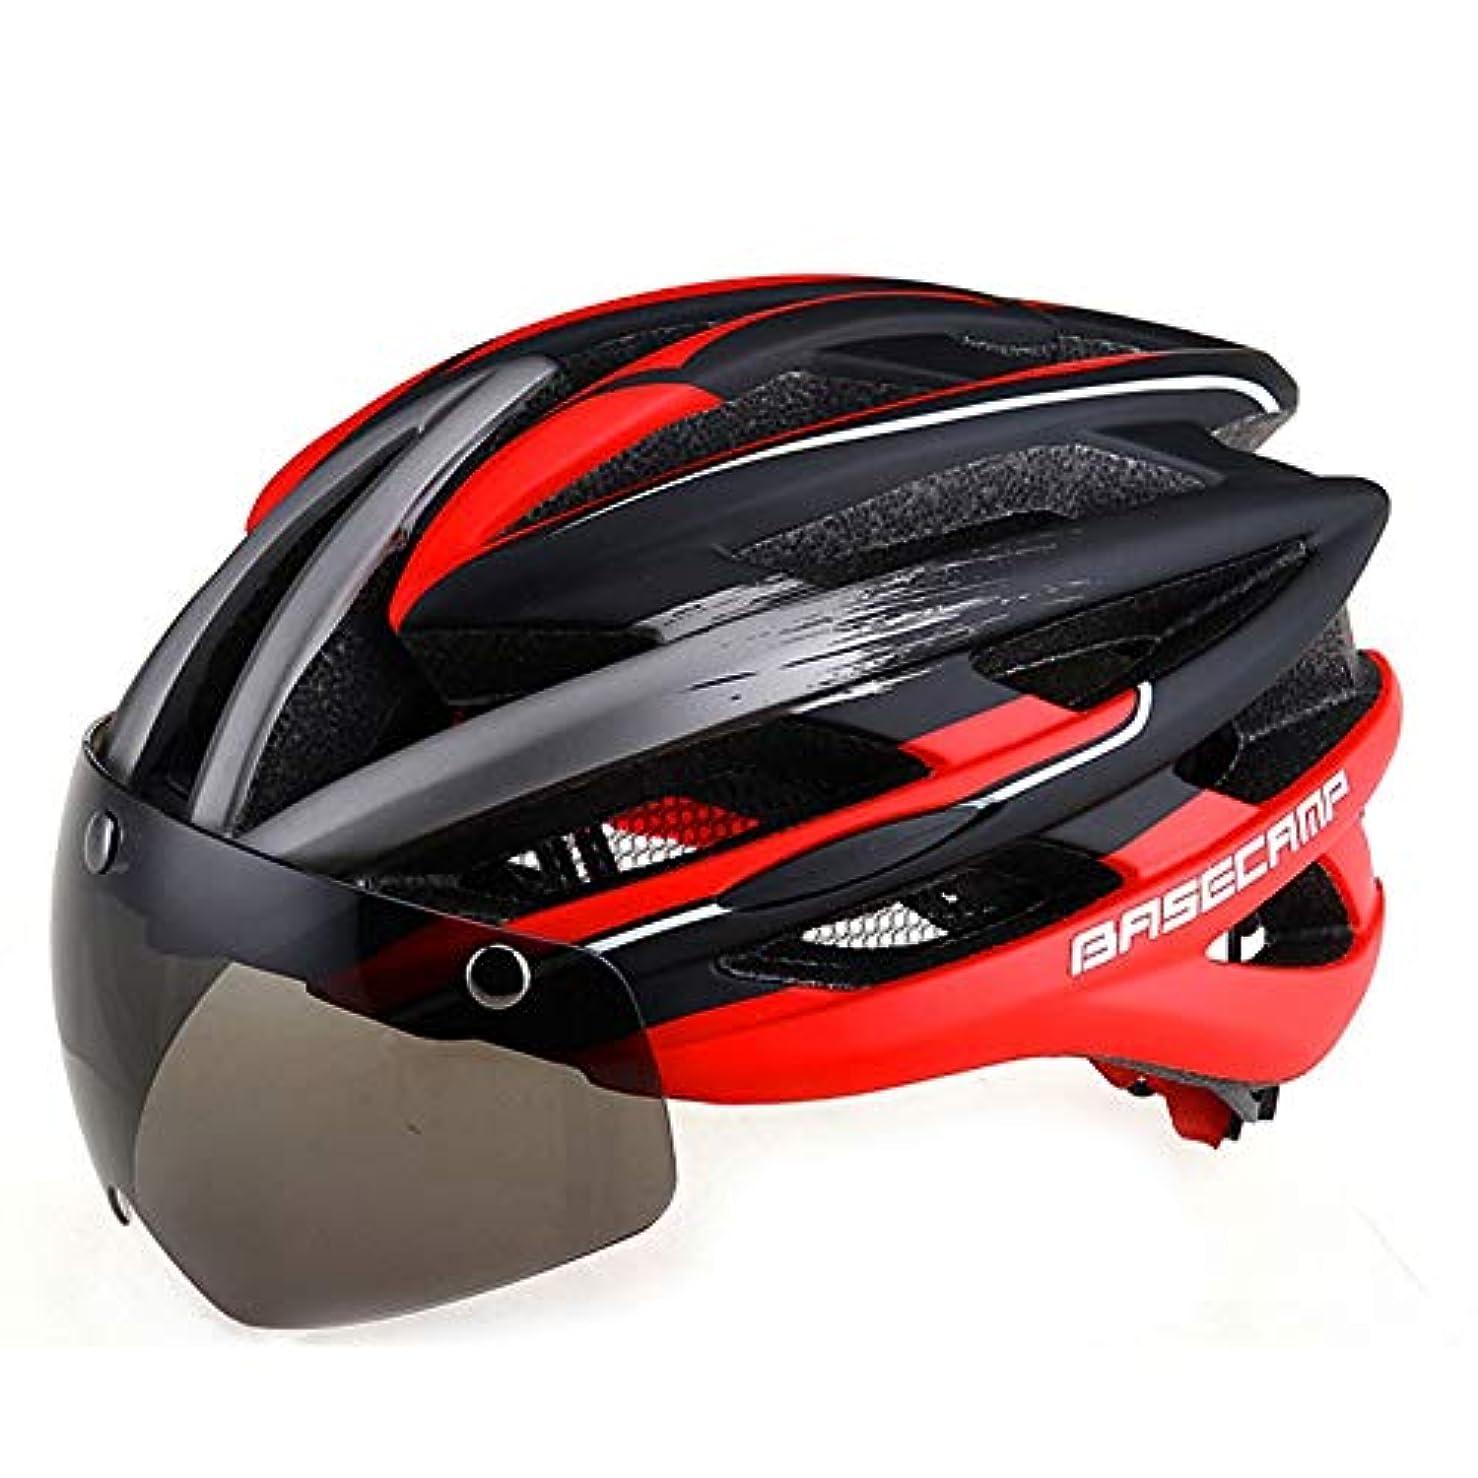 量ナンセンス信頼サイクリングヘルメットサクショングレーレンズゴーグルワンピースマウンテンバイクヘルメット機器57-62 cm